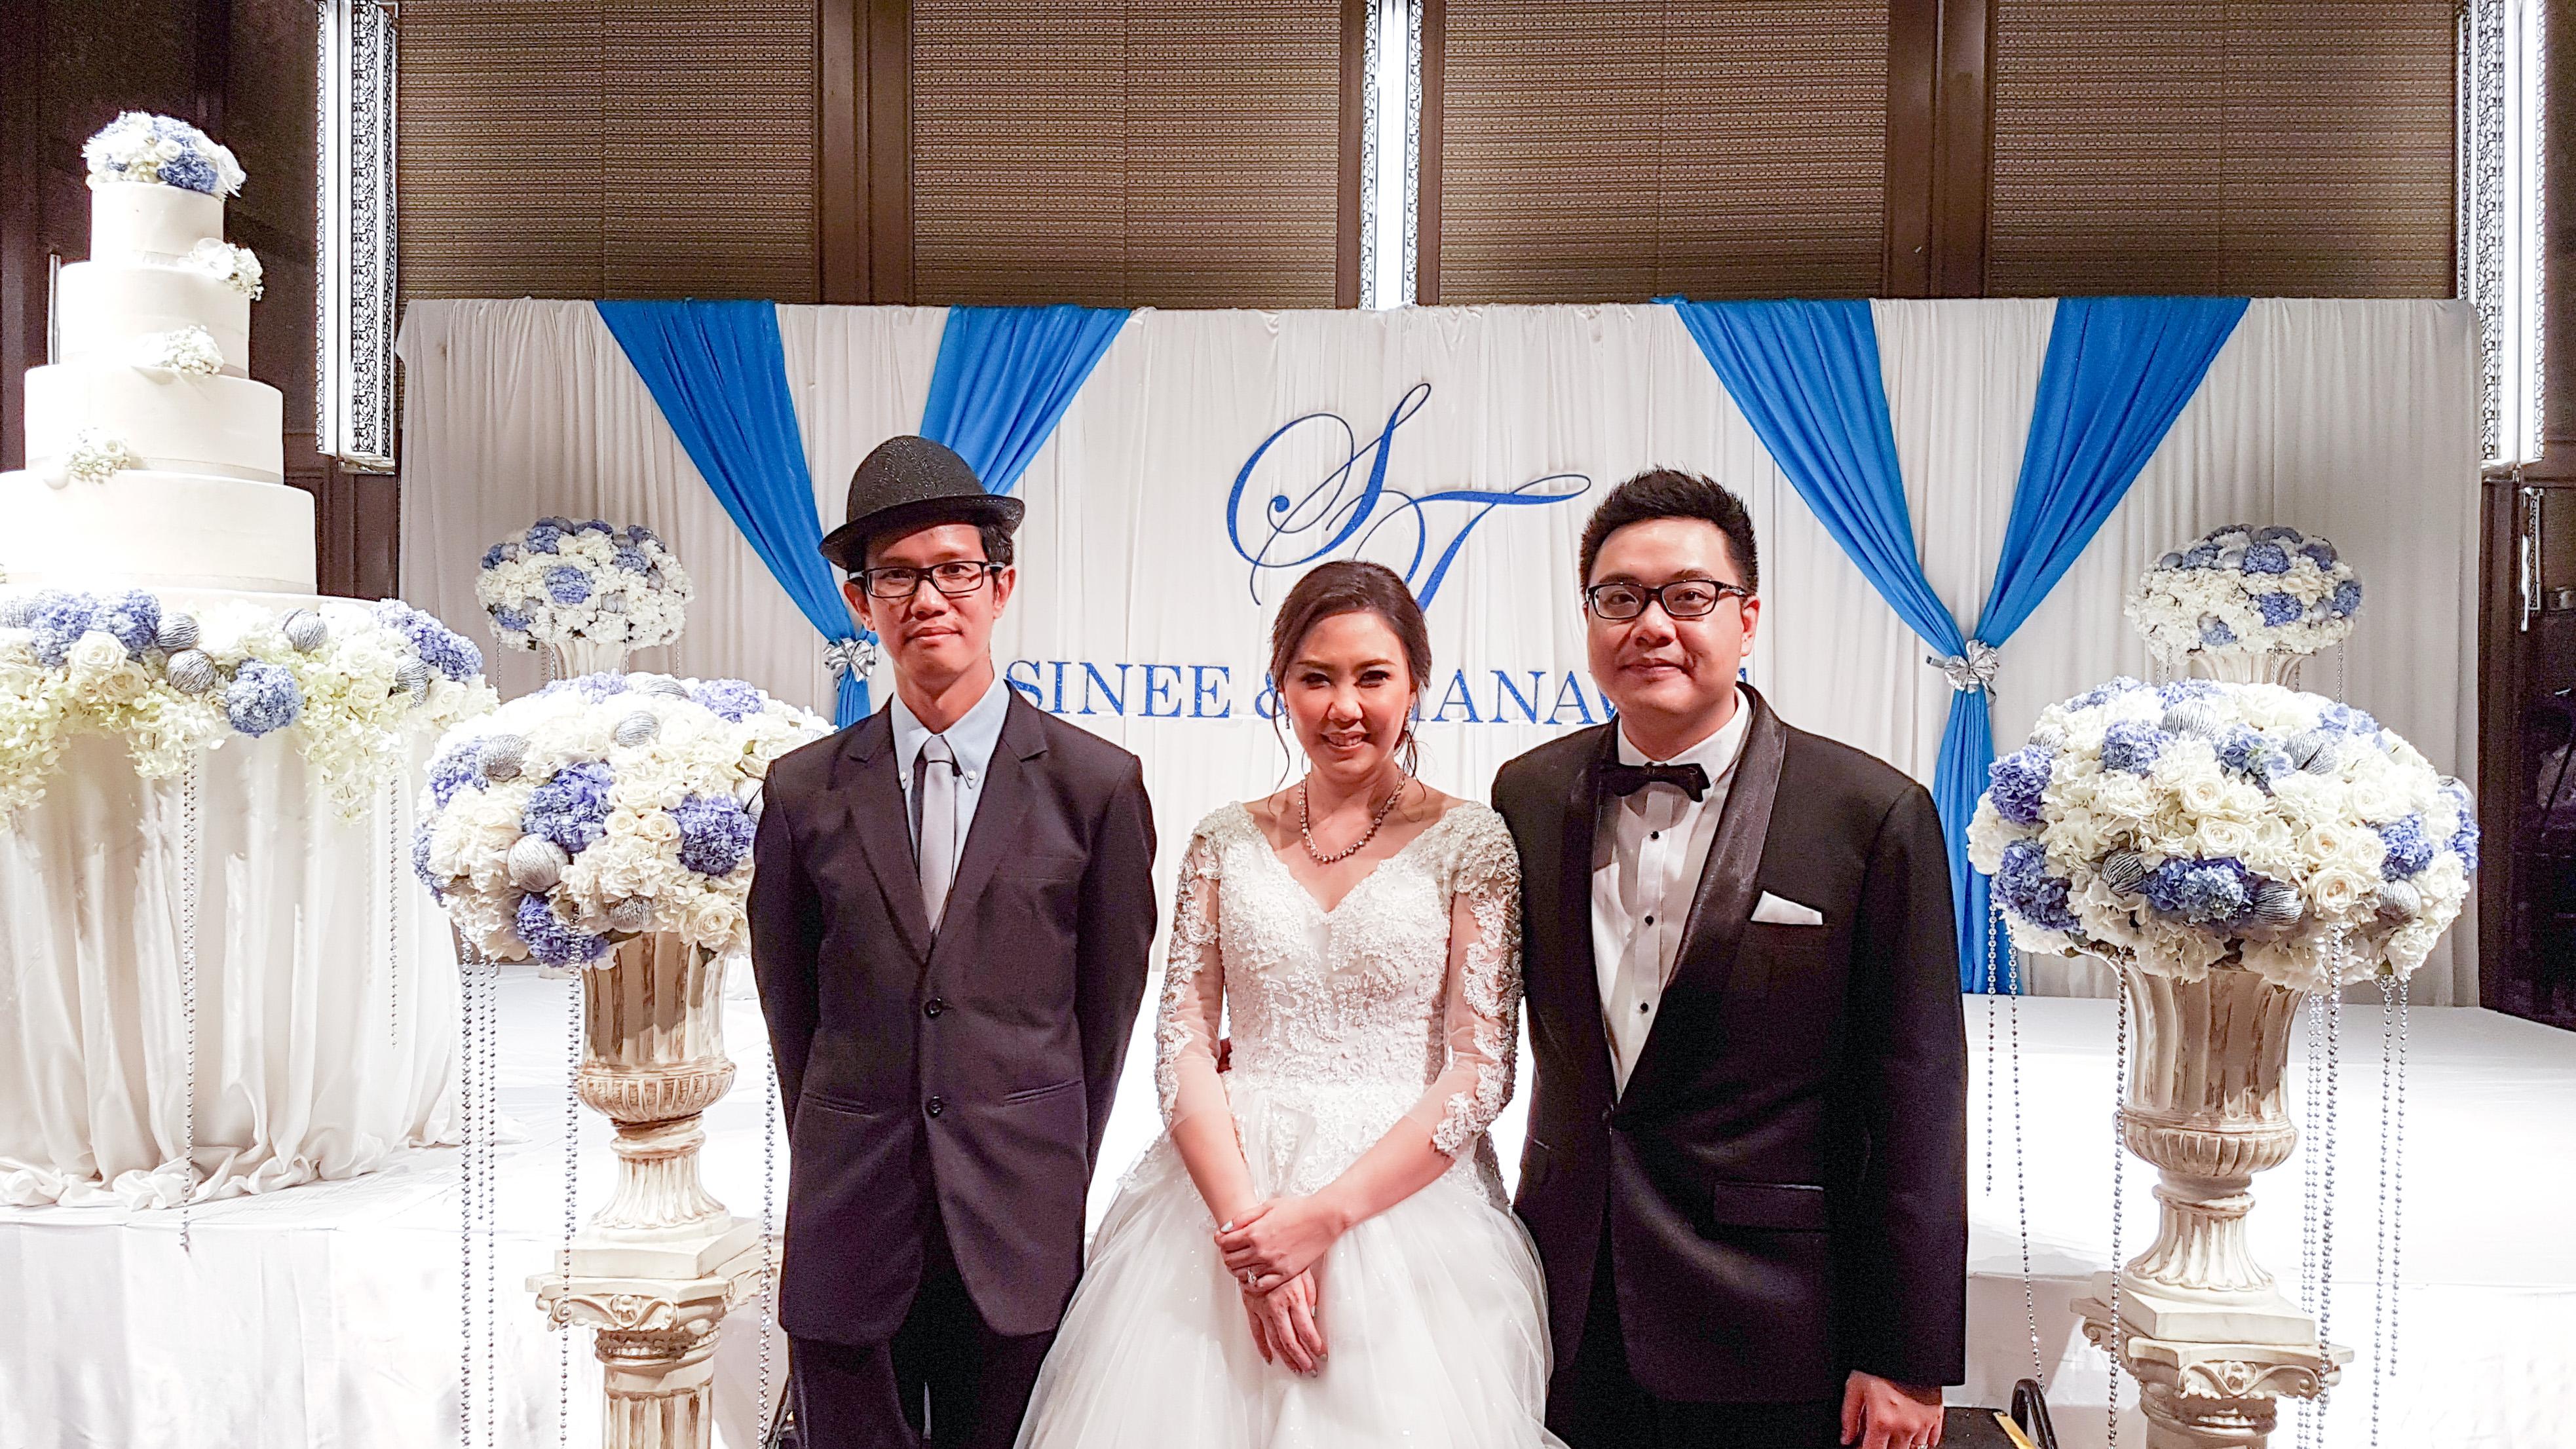 ถ่ายภาพกับบ่าวสาว งานแต่งงาน